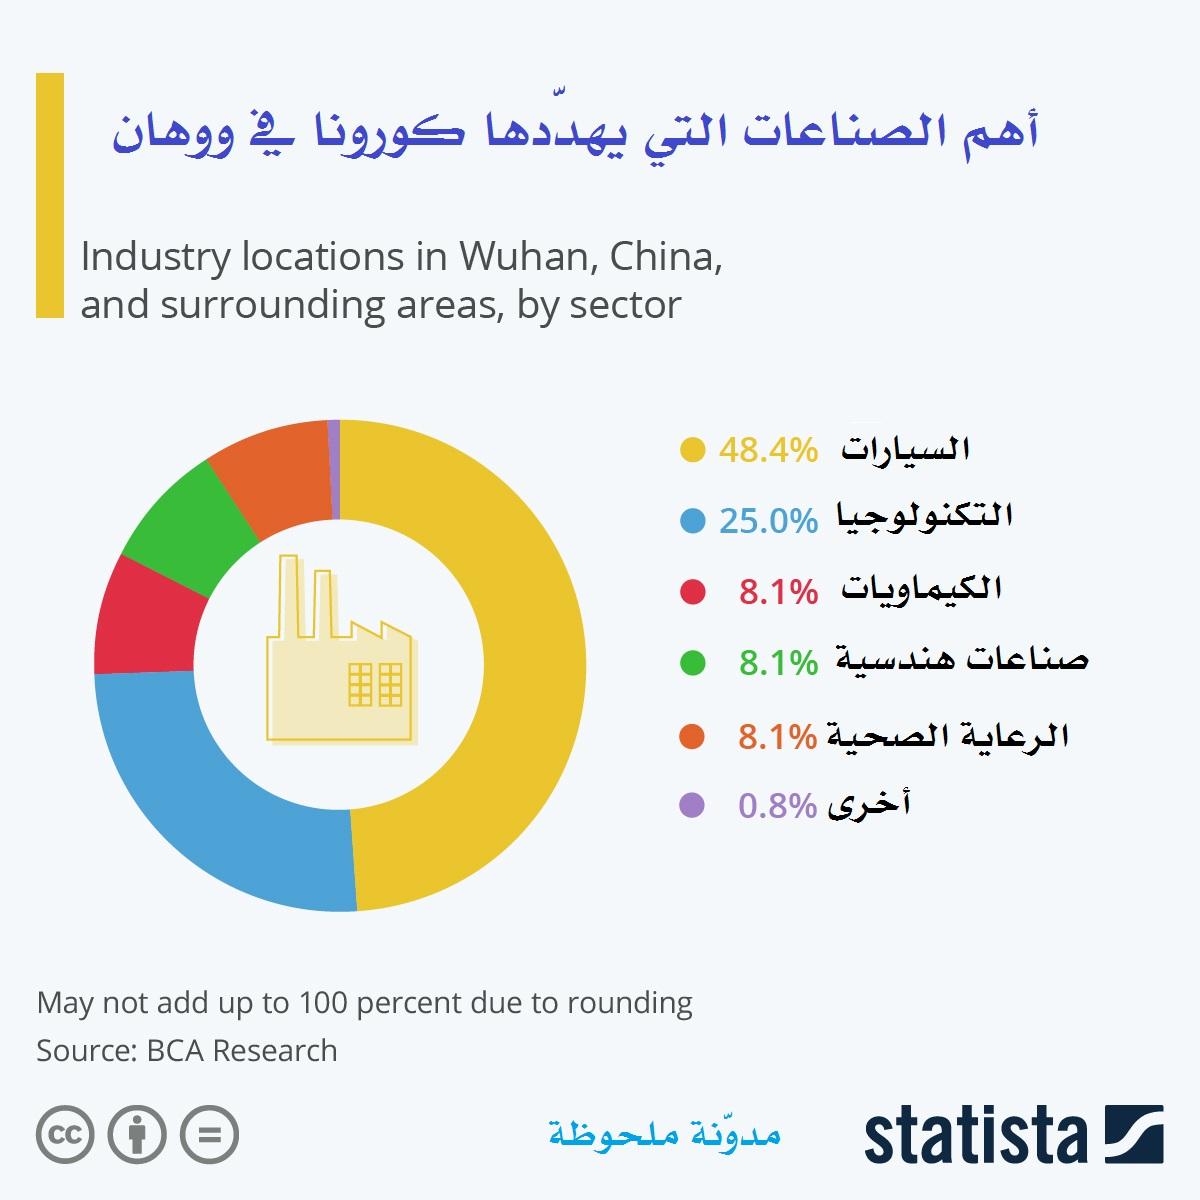 أهم الصناعات التي يهددها فيروس كورونا في ووهان